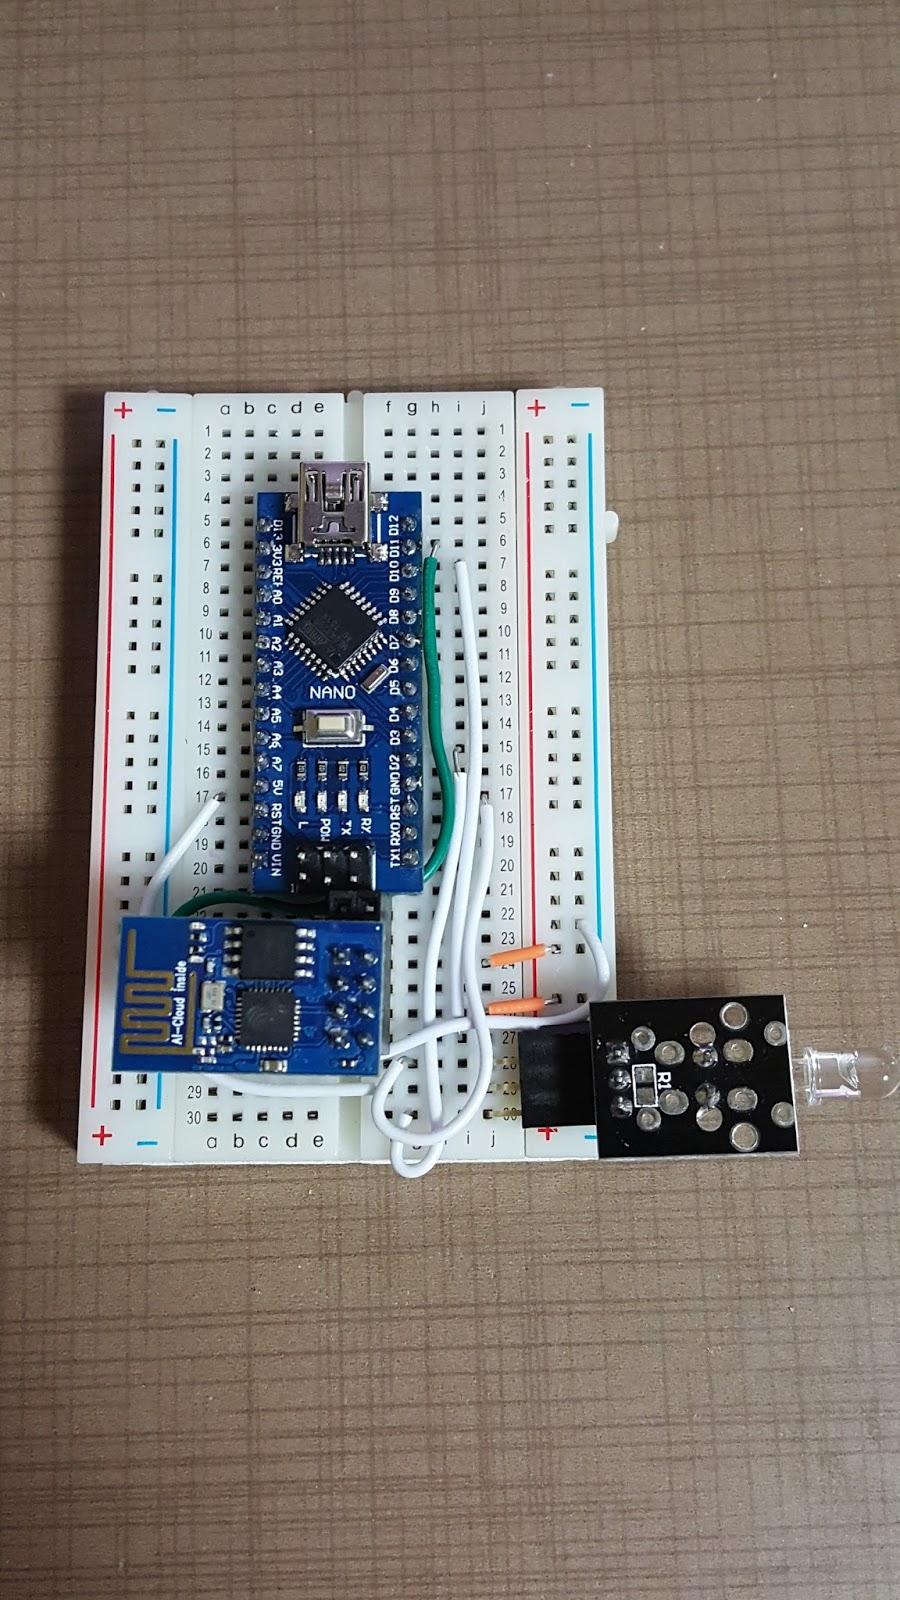 Arduino nano 그리고 무선랜 esp 취미로 하는 개발